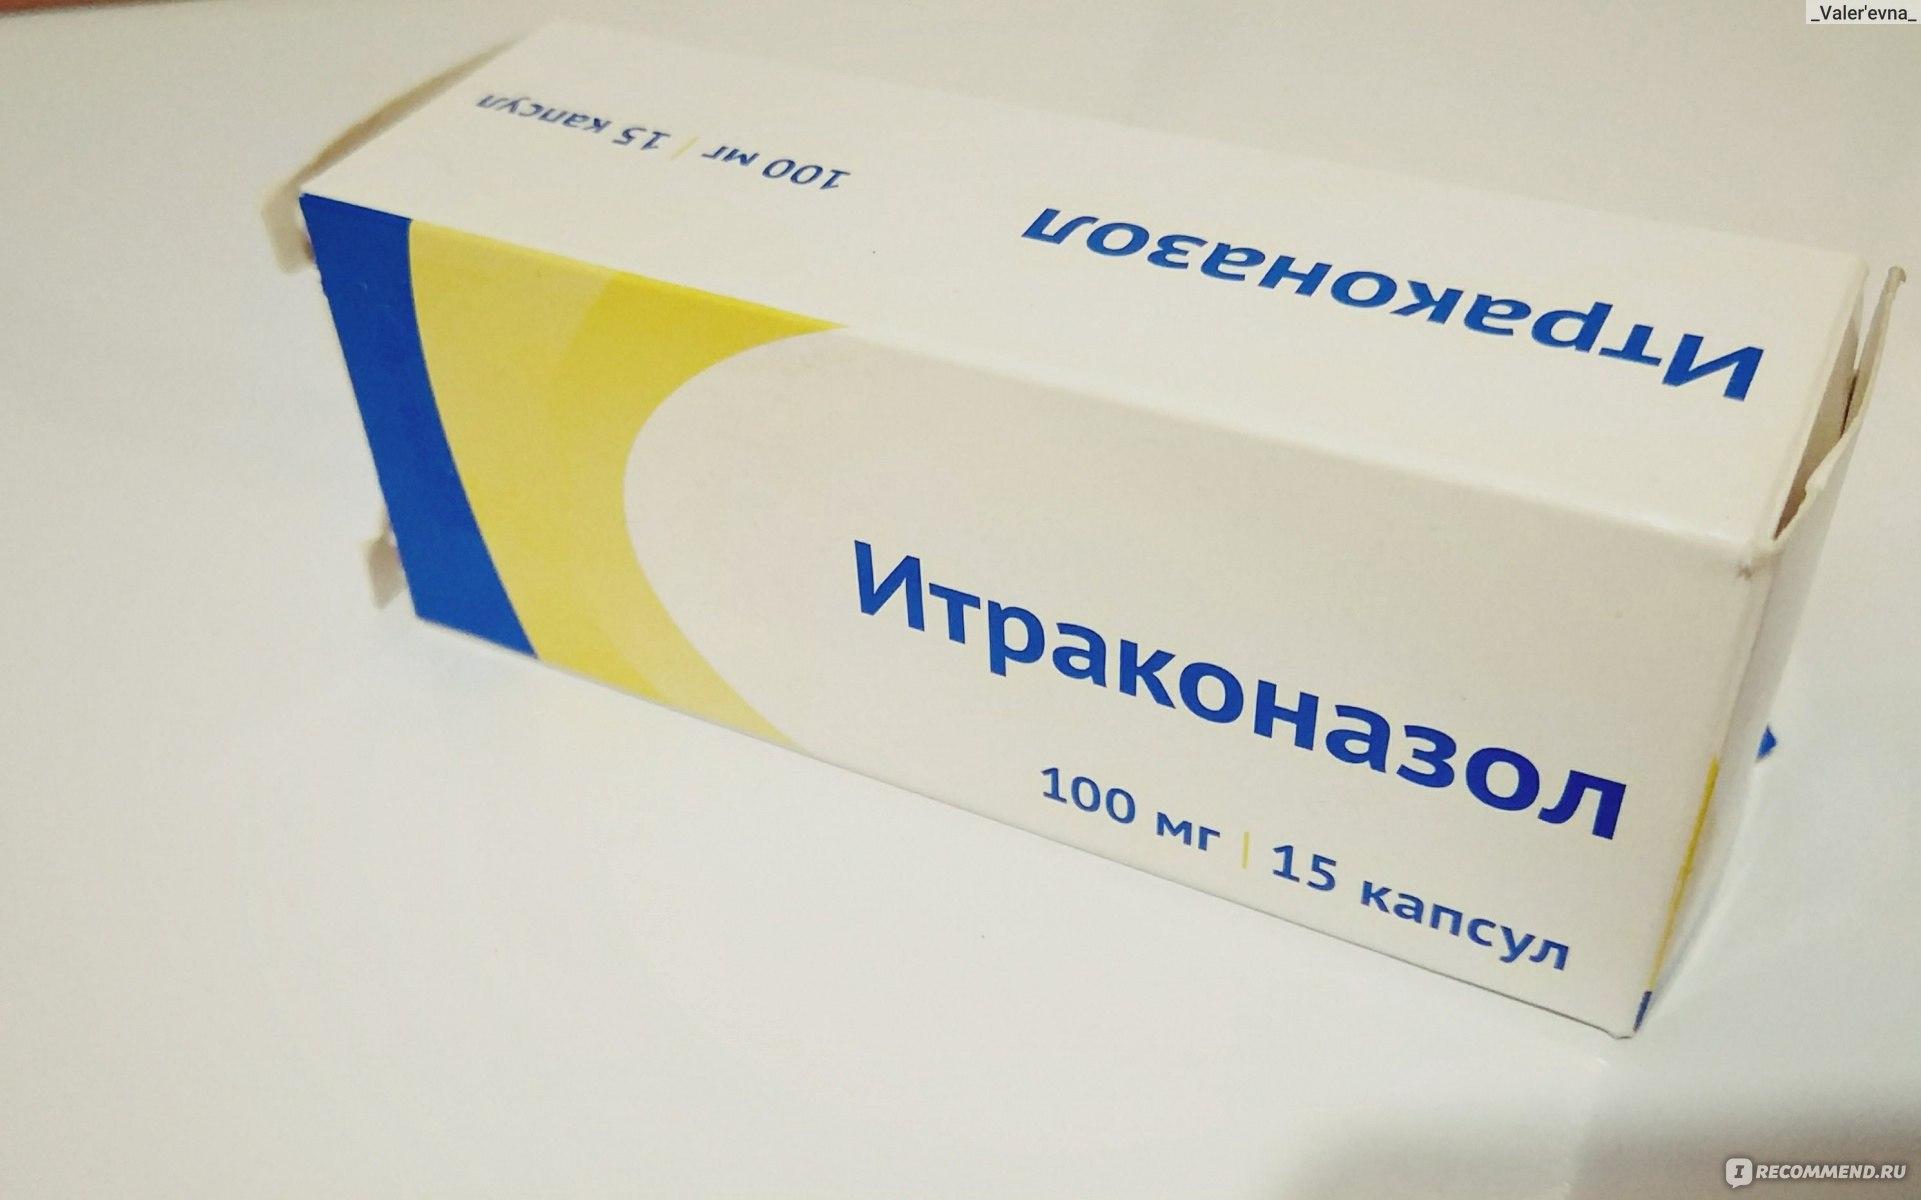 Итраконазол лечит грибок ногтей